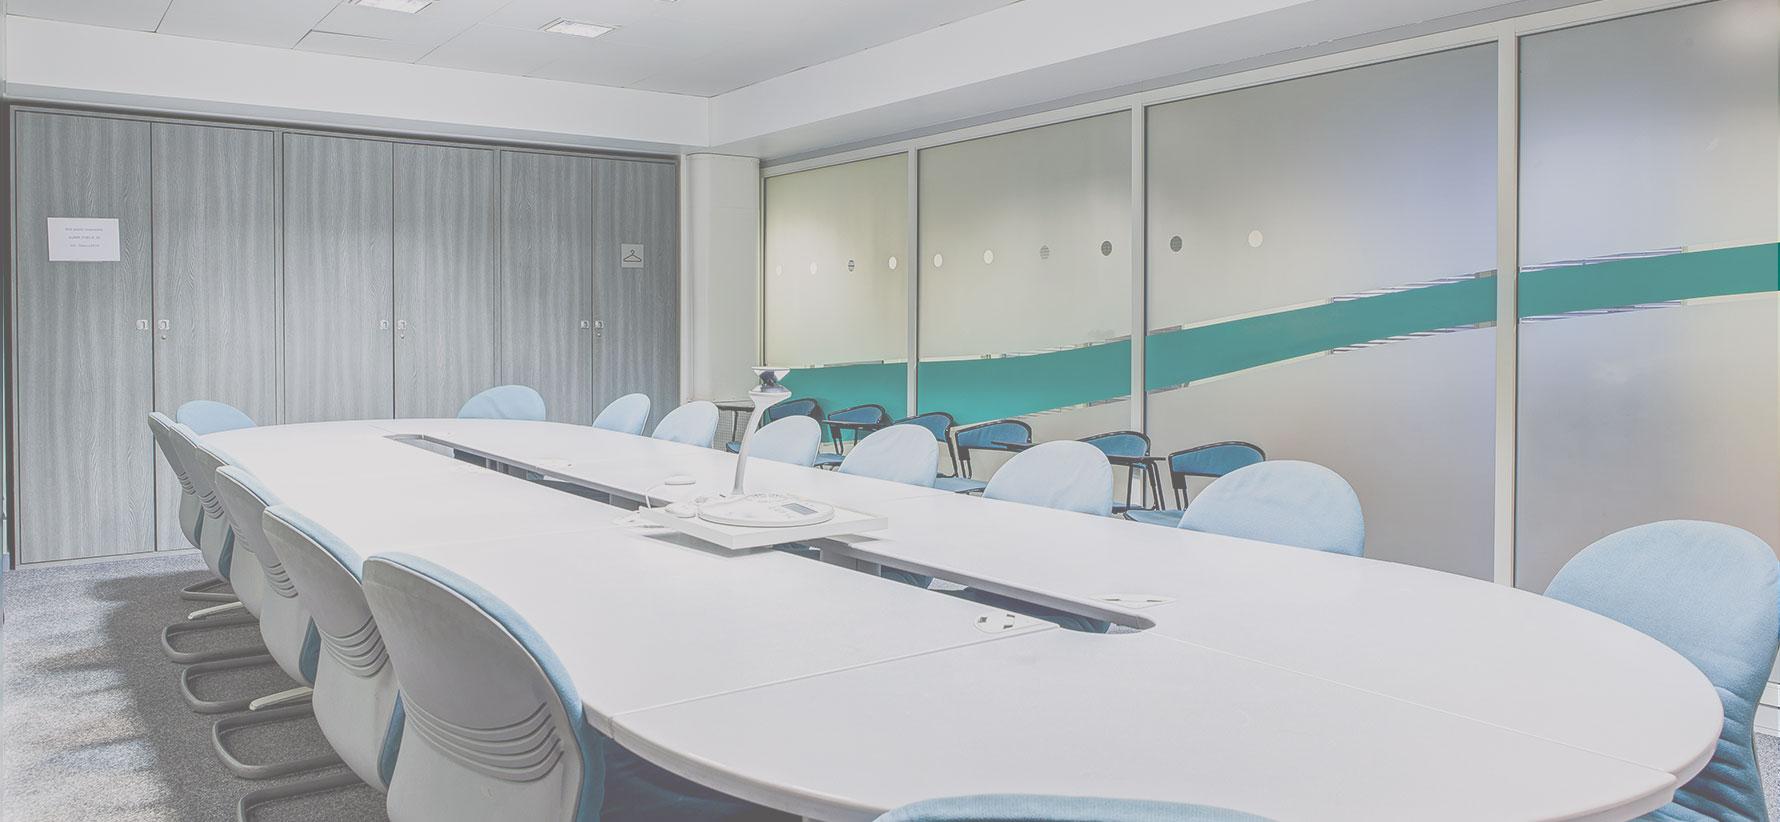 réunions techniques